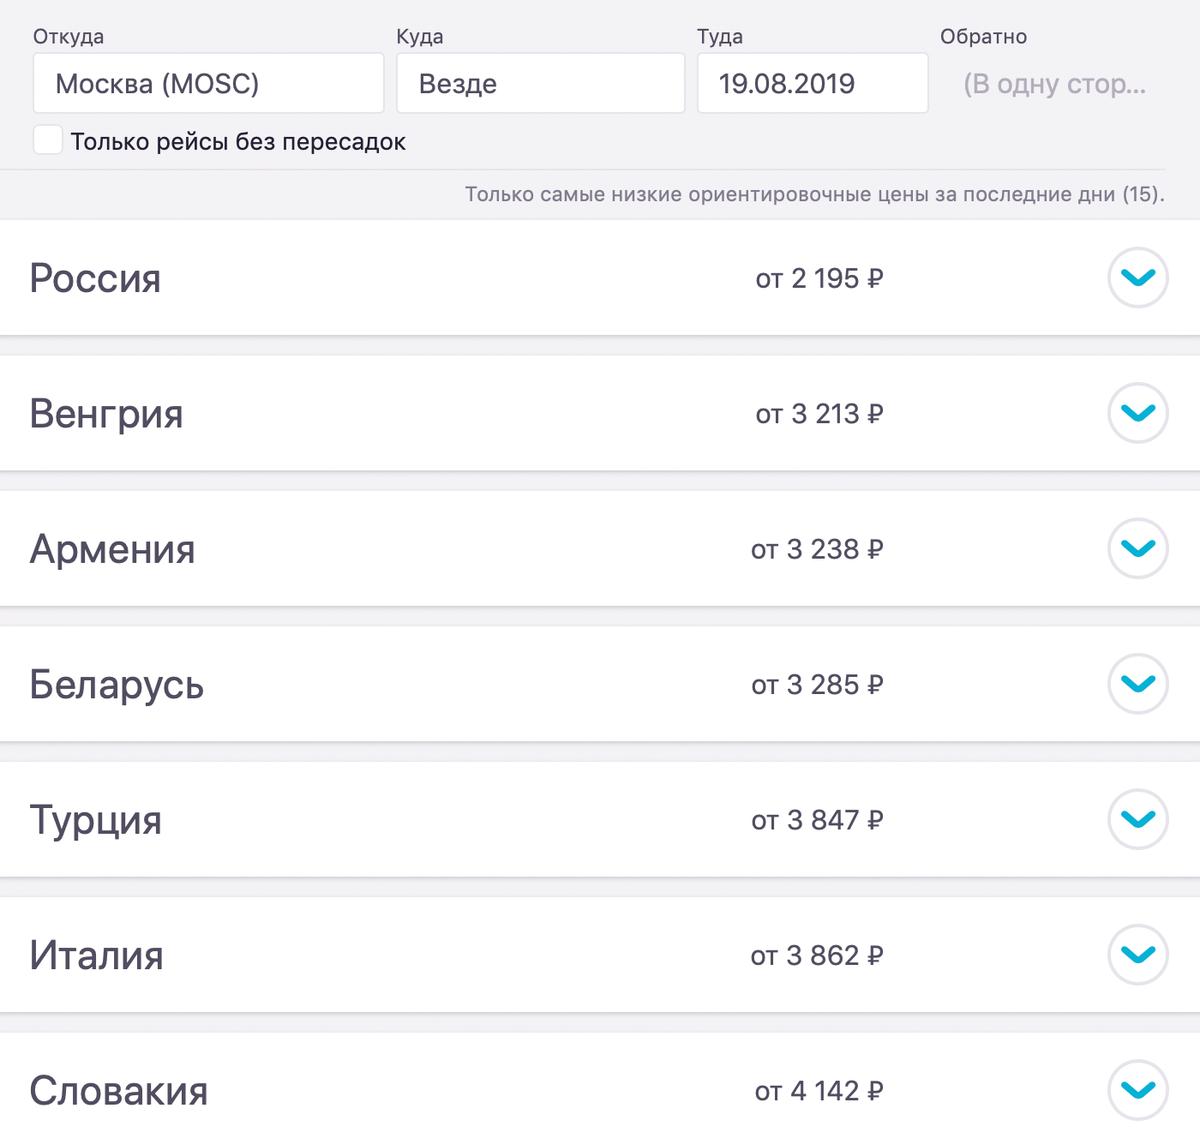 Поиск по всем направлениям из Москвы на 19 августа 2019года